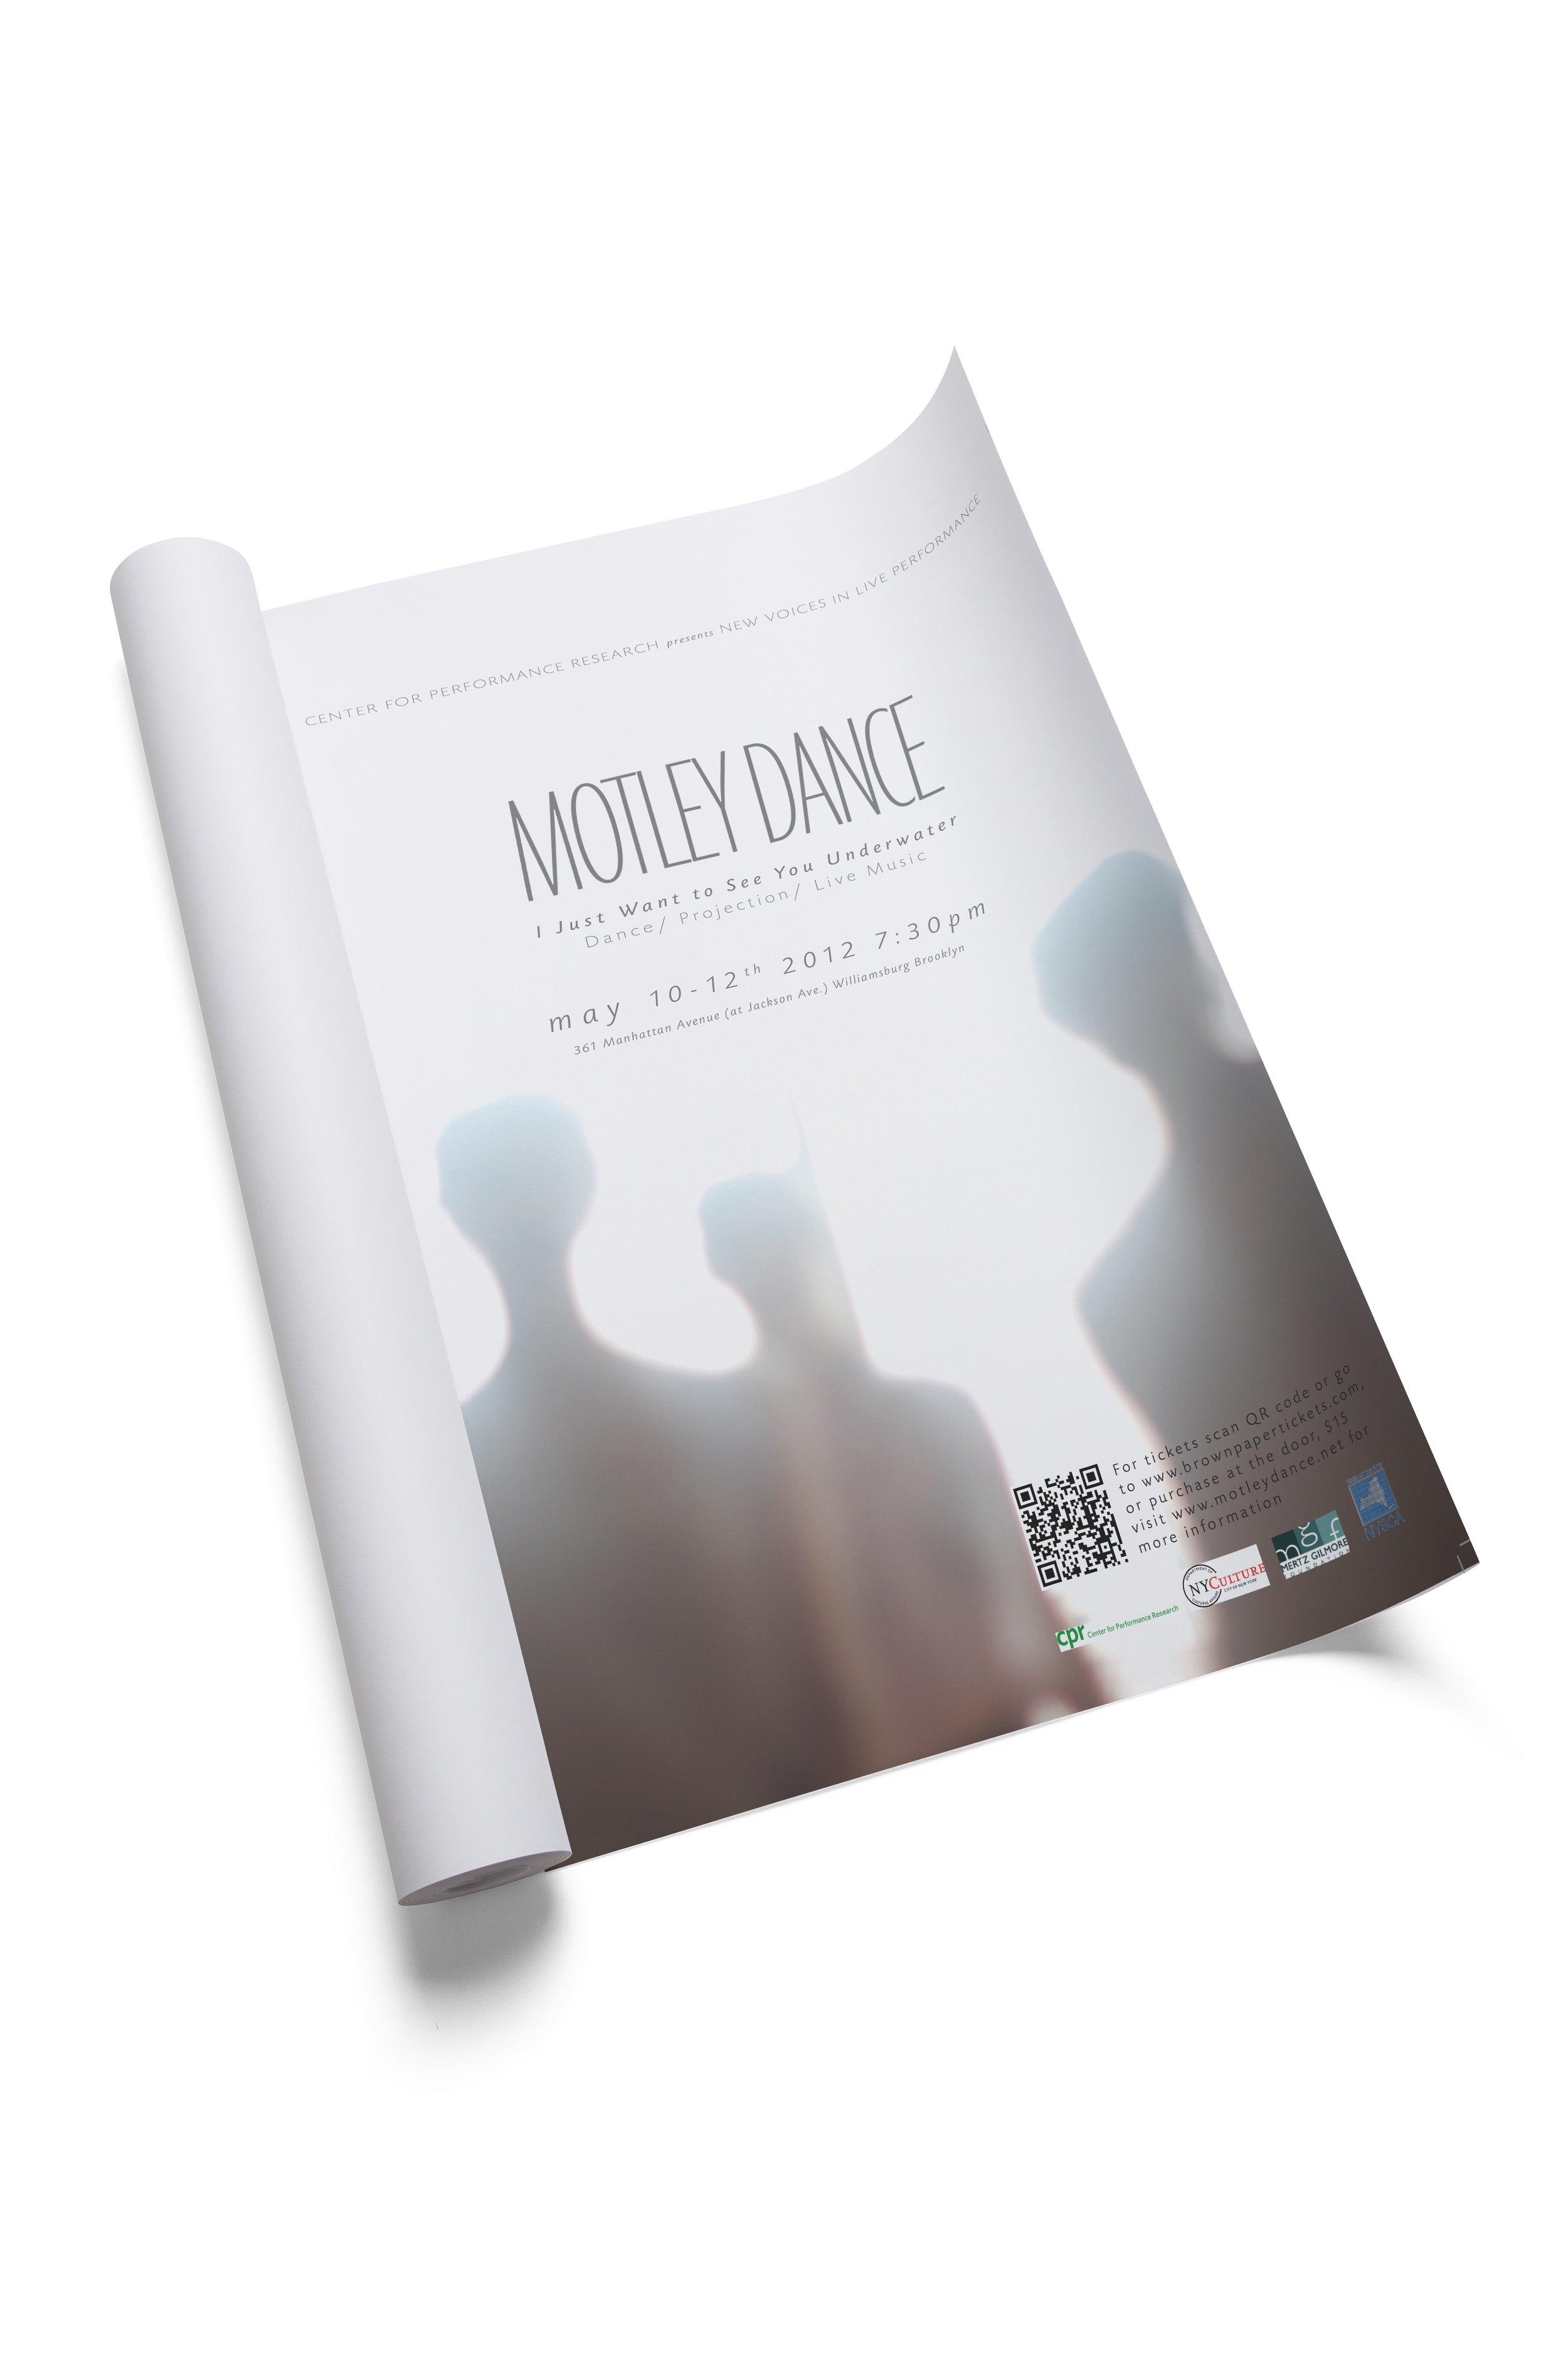 motleydance-poster.jpeg